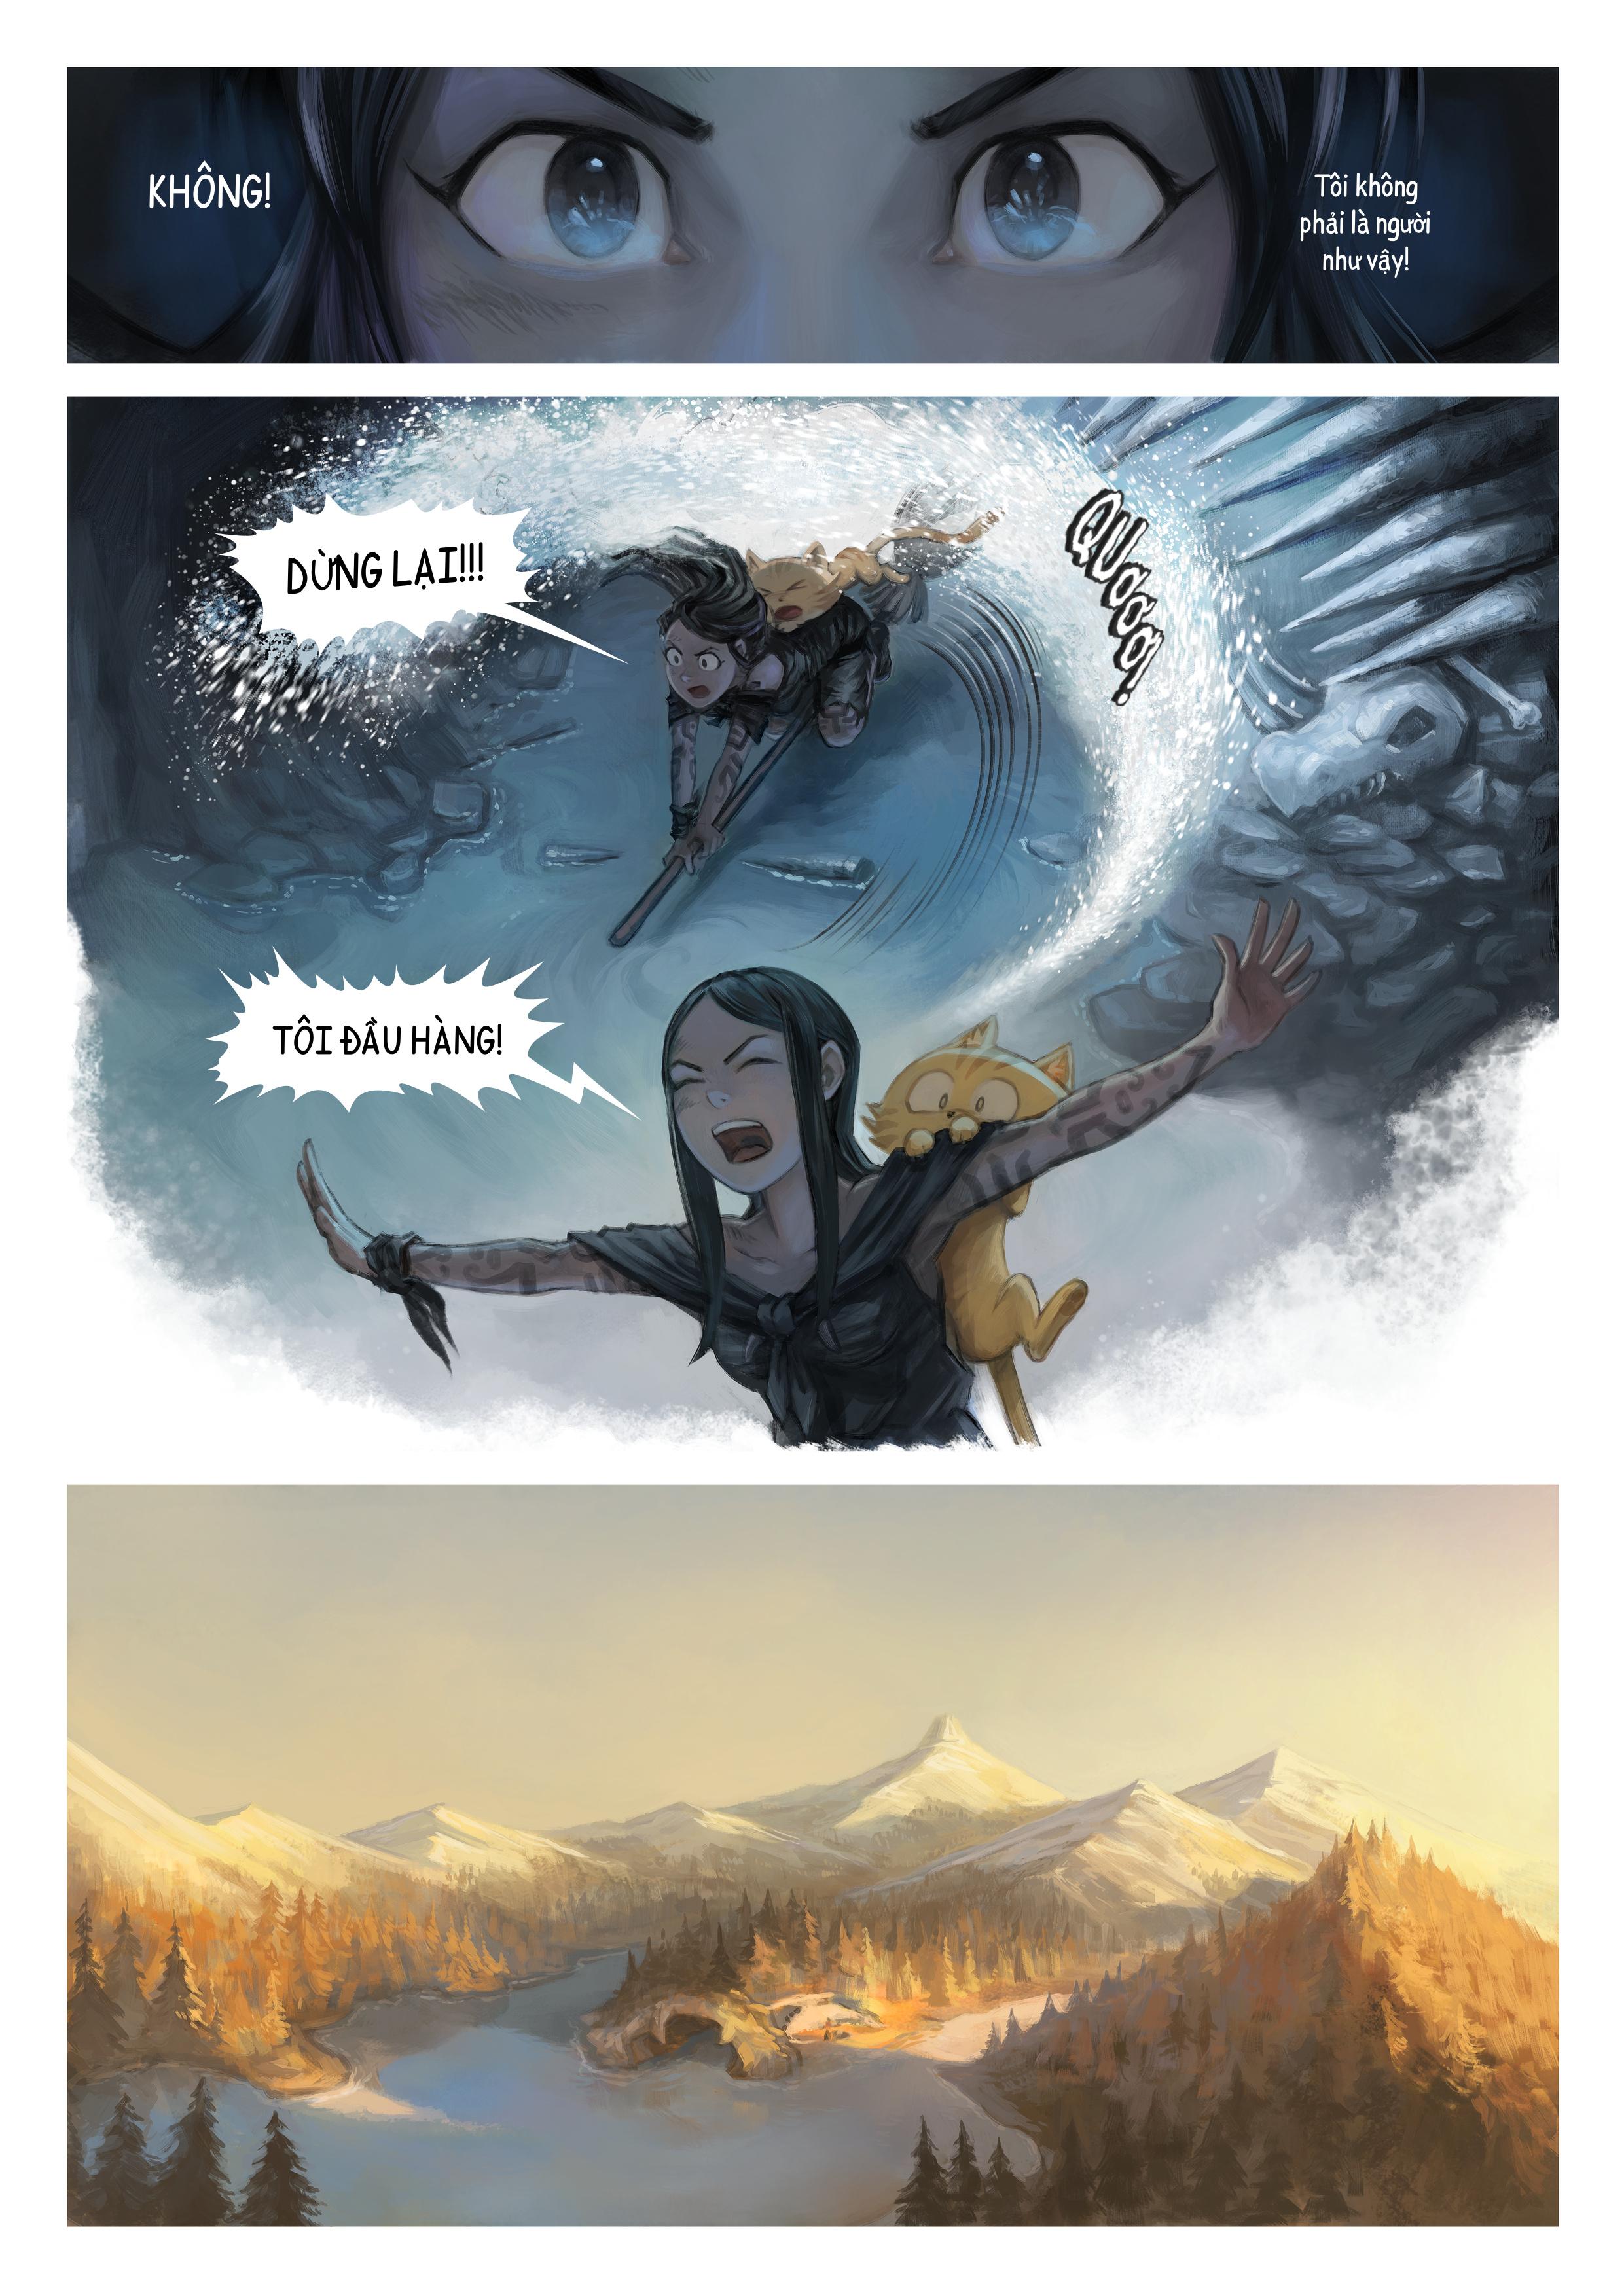 Tập 35: Ảnh Phản Xạ, Trang 9